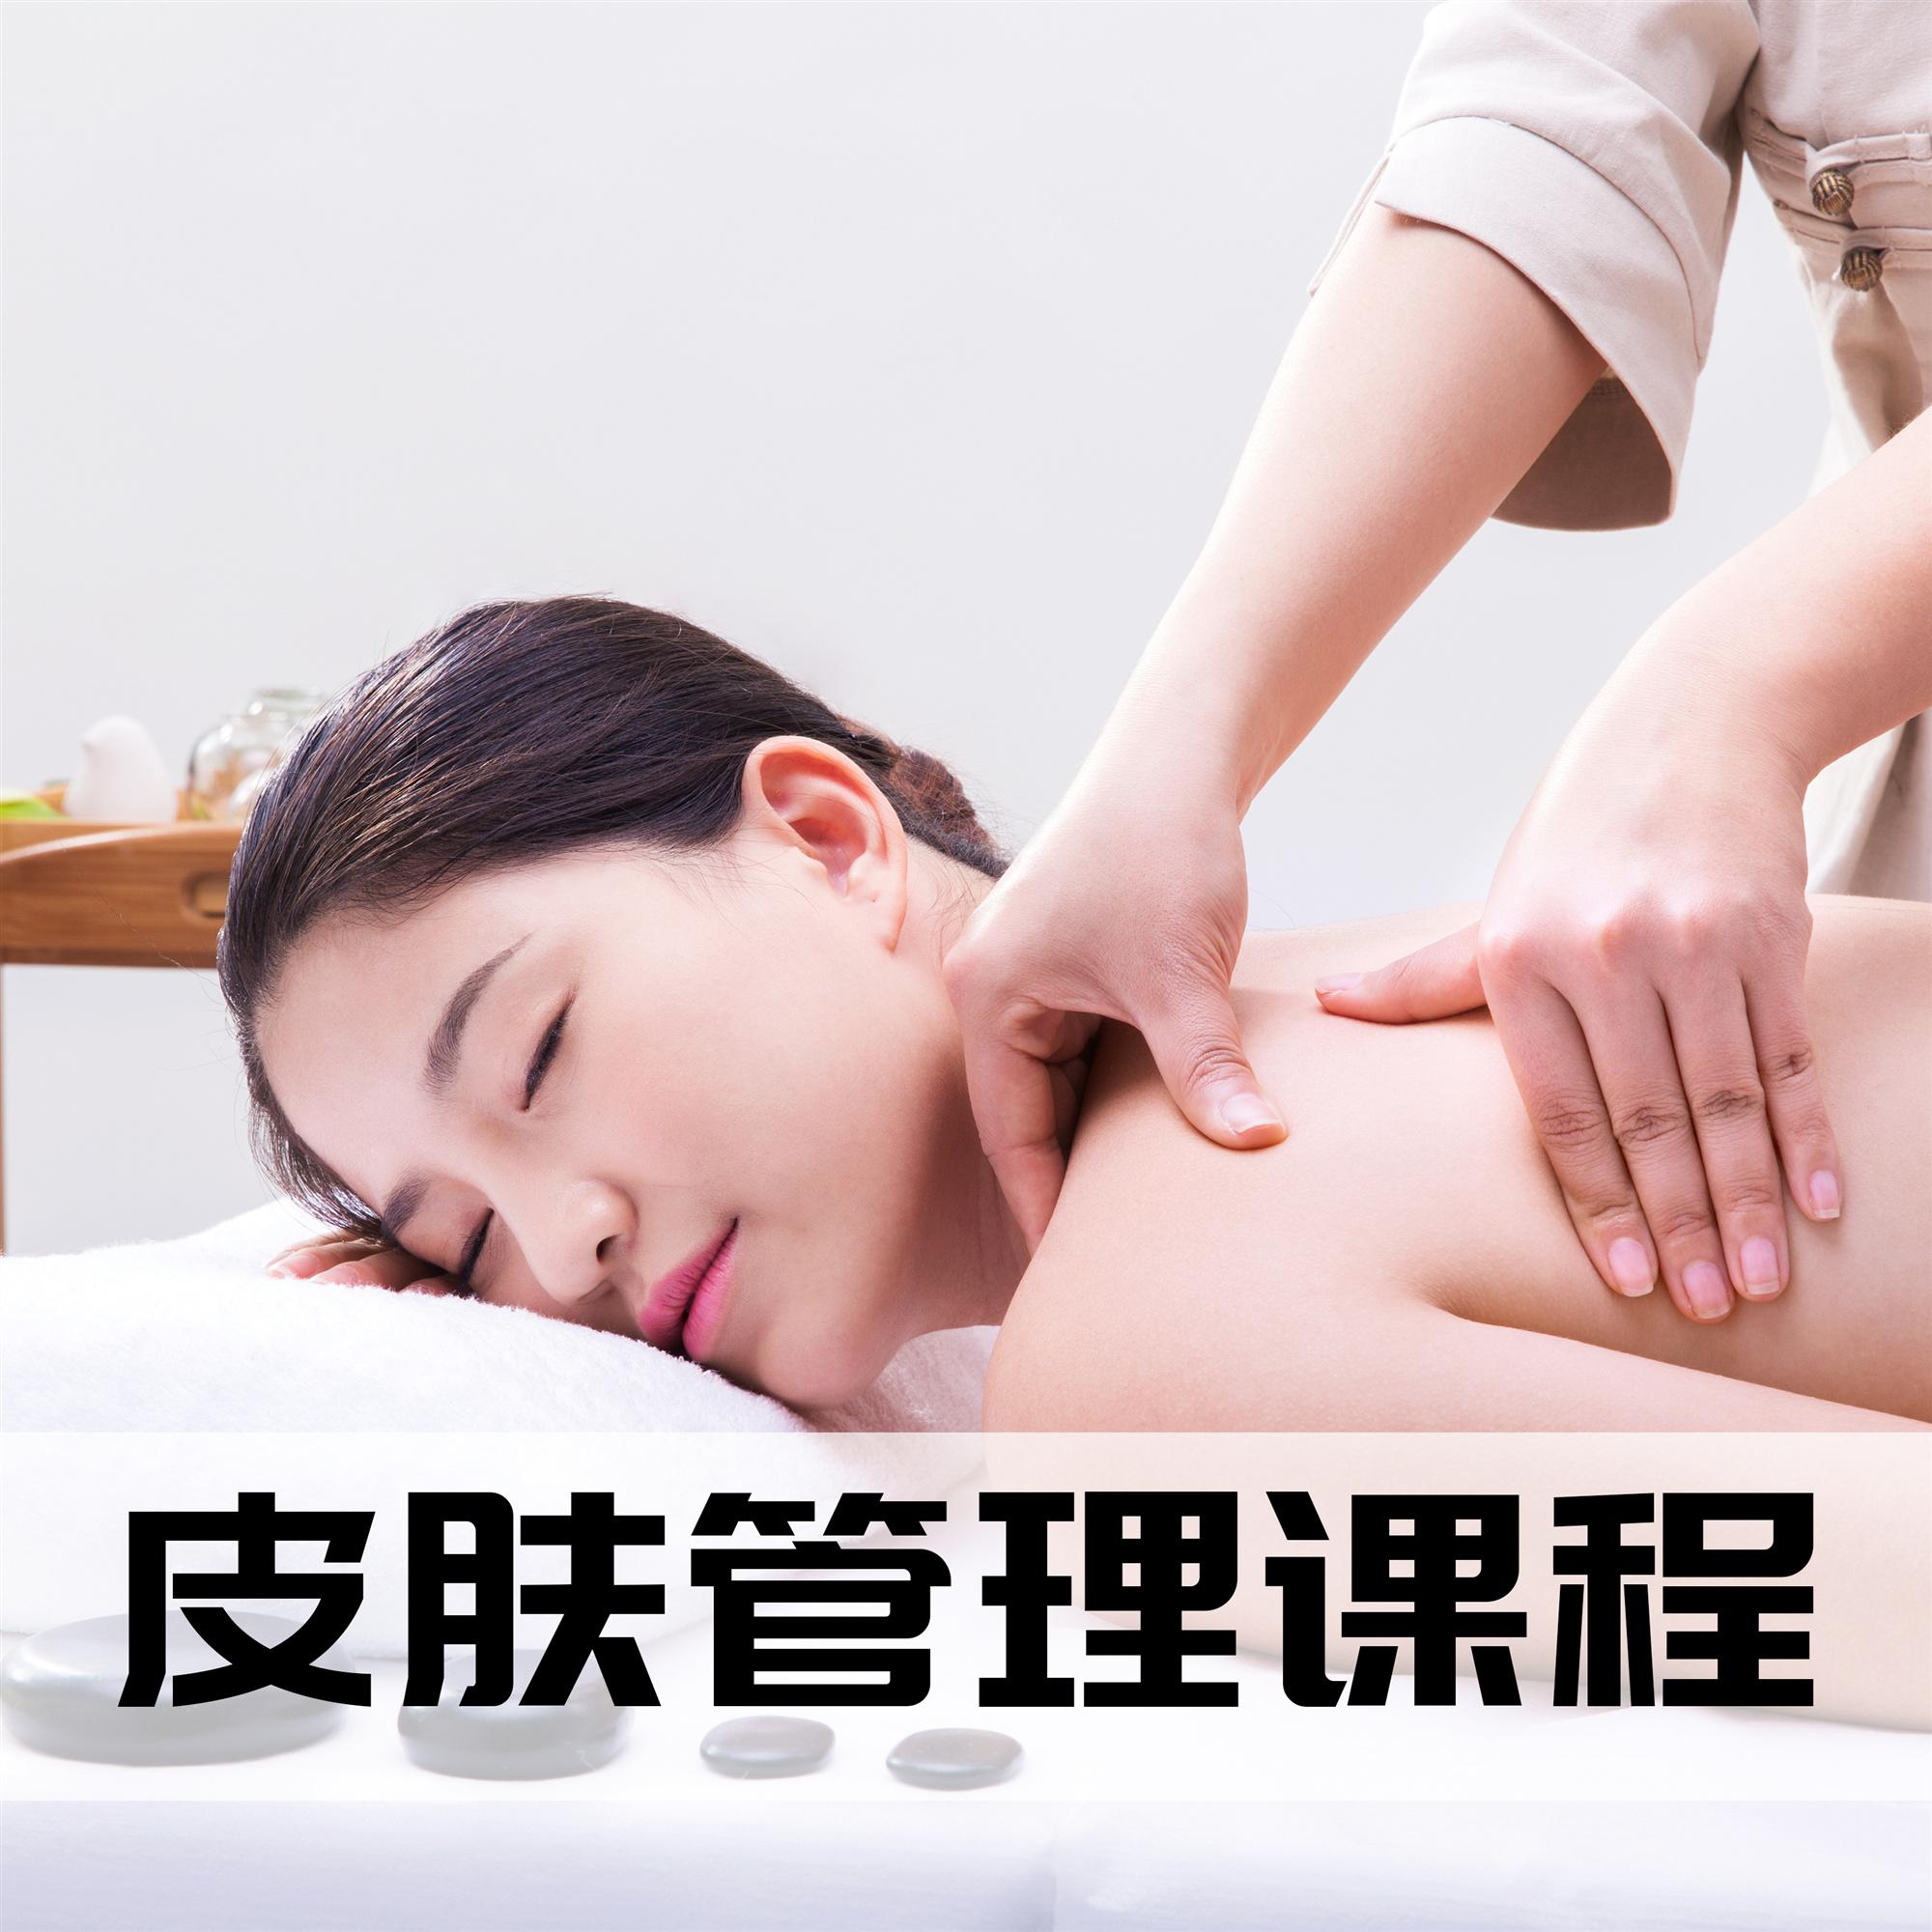 揭阳学美容_尚颜七周年纪念版课程—美容